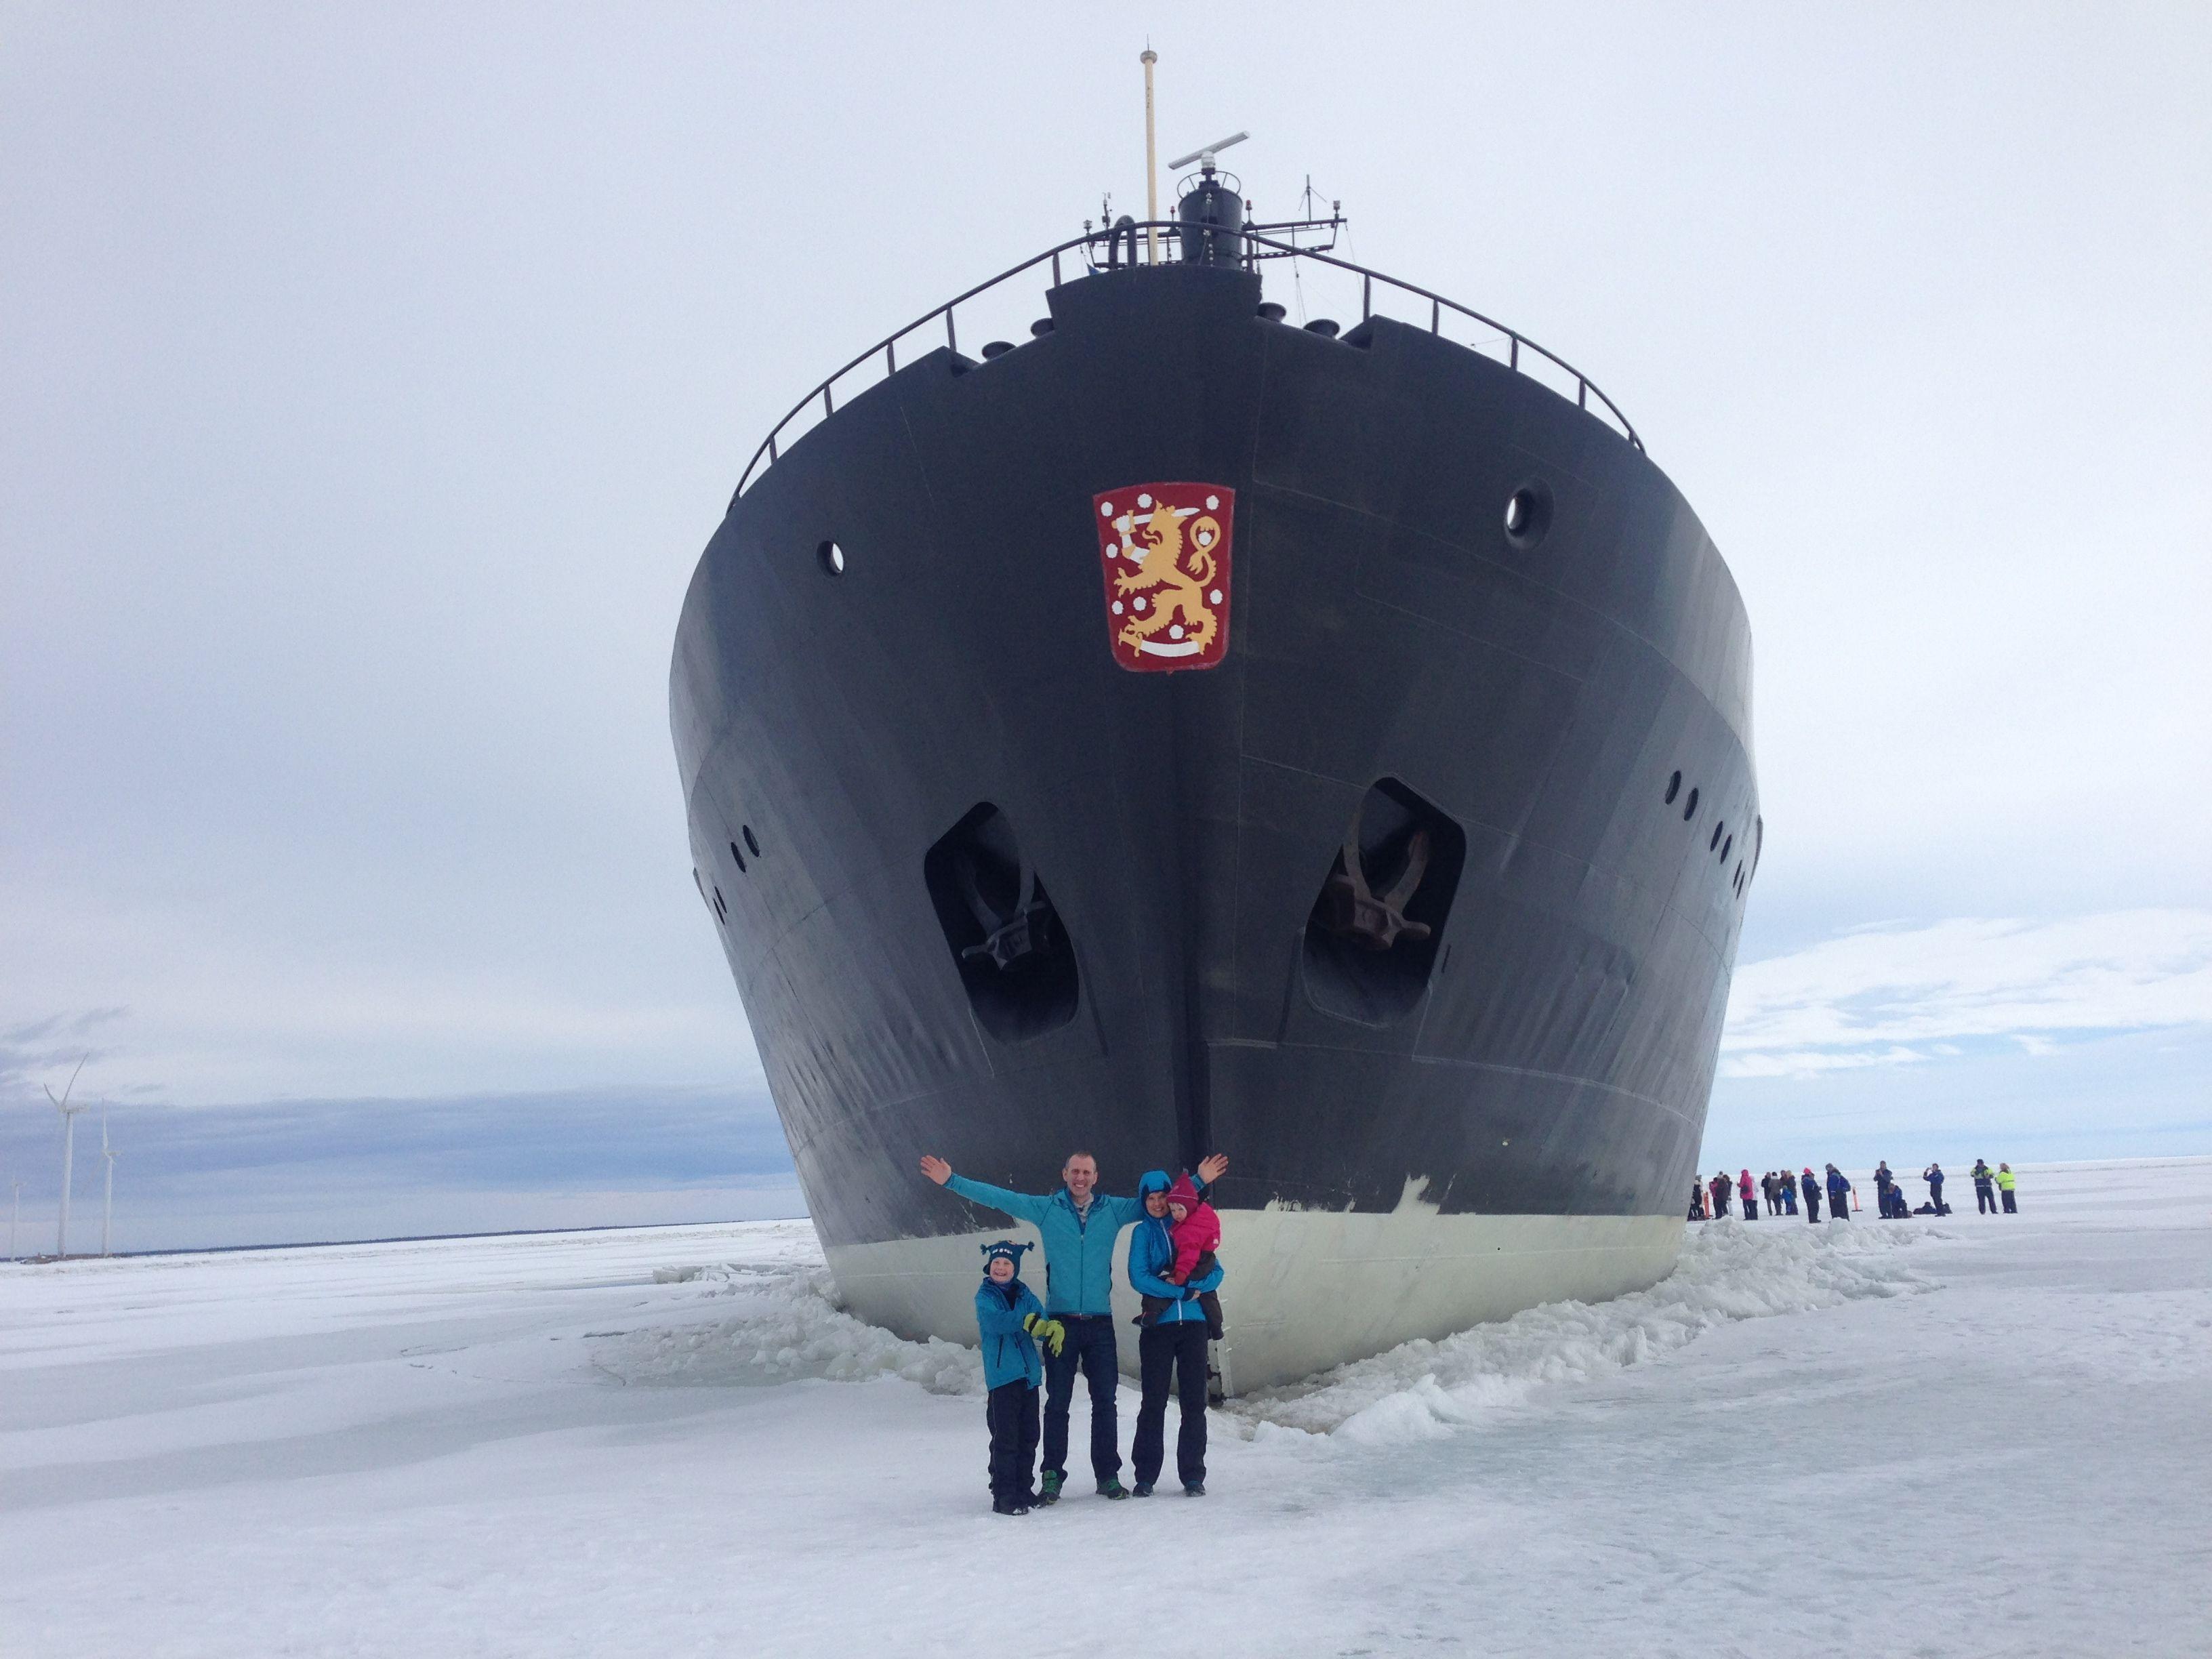 Rompehielos Sampo en el Báltico congelado, Finlandia